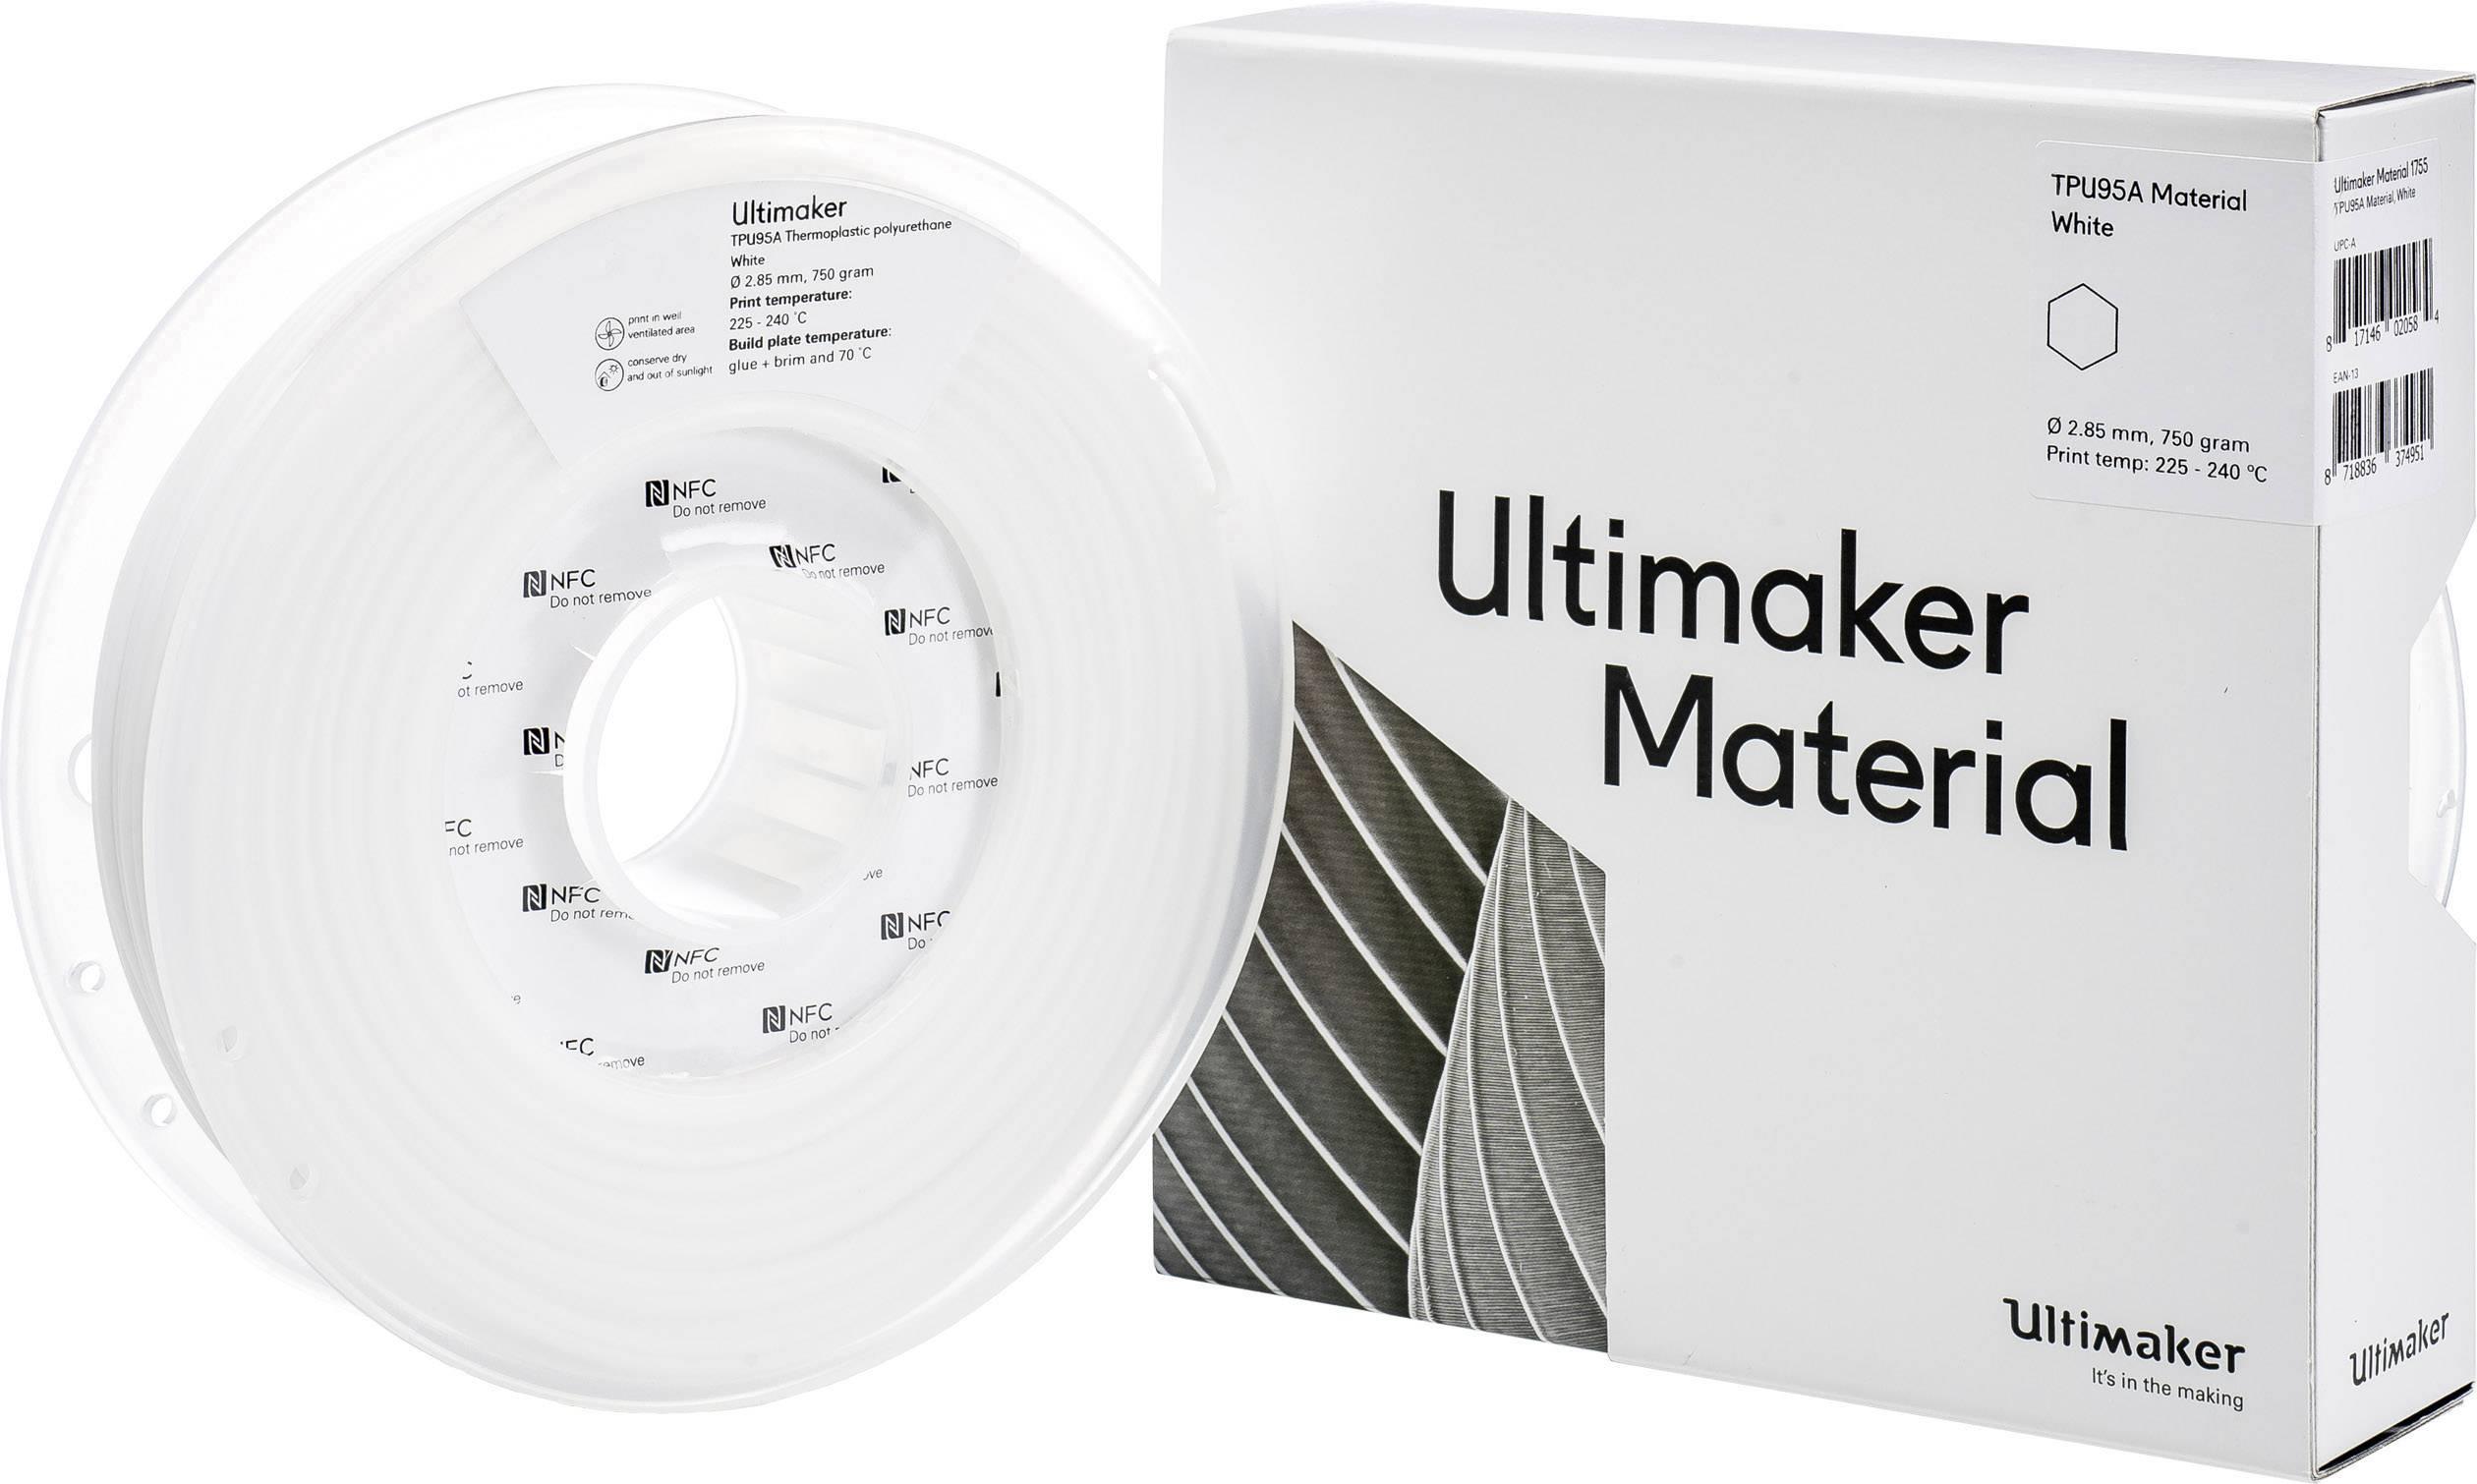 Vlákno pro 3D tiskárny Ultimaker TPU - M0369 White 750 - 215194, 2.85 mm, 750 g, zelená